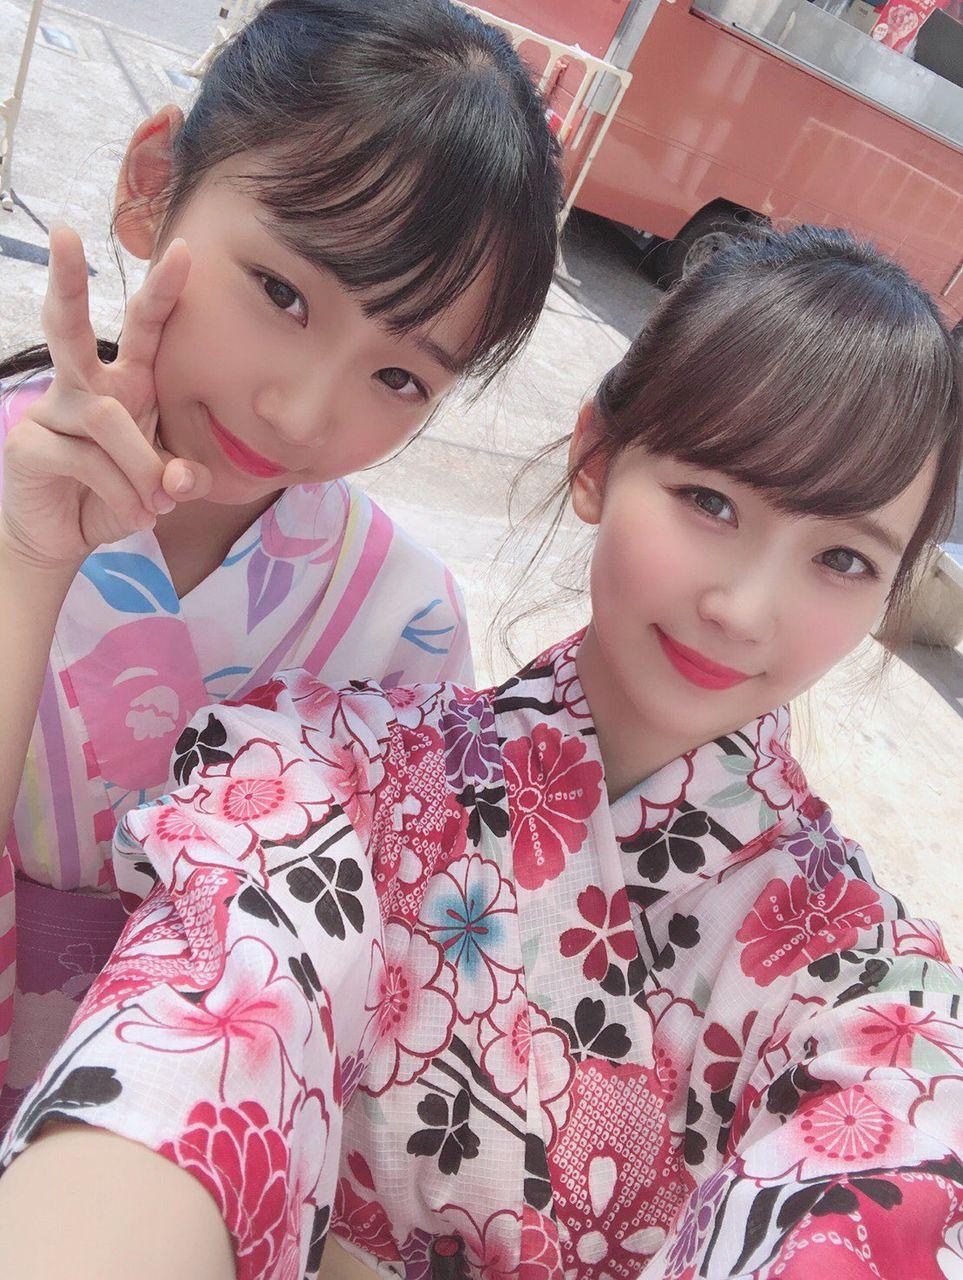 【速報】NMB48 大段舞依が卒業を発表。辞め過ぎだろ・・・